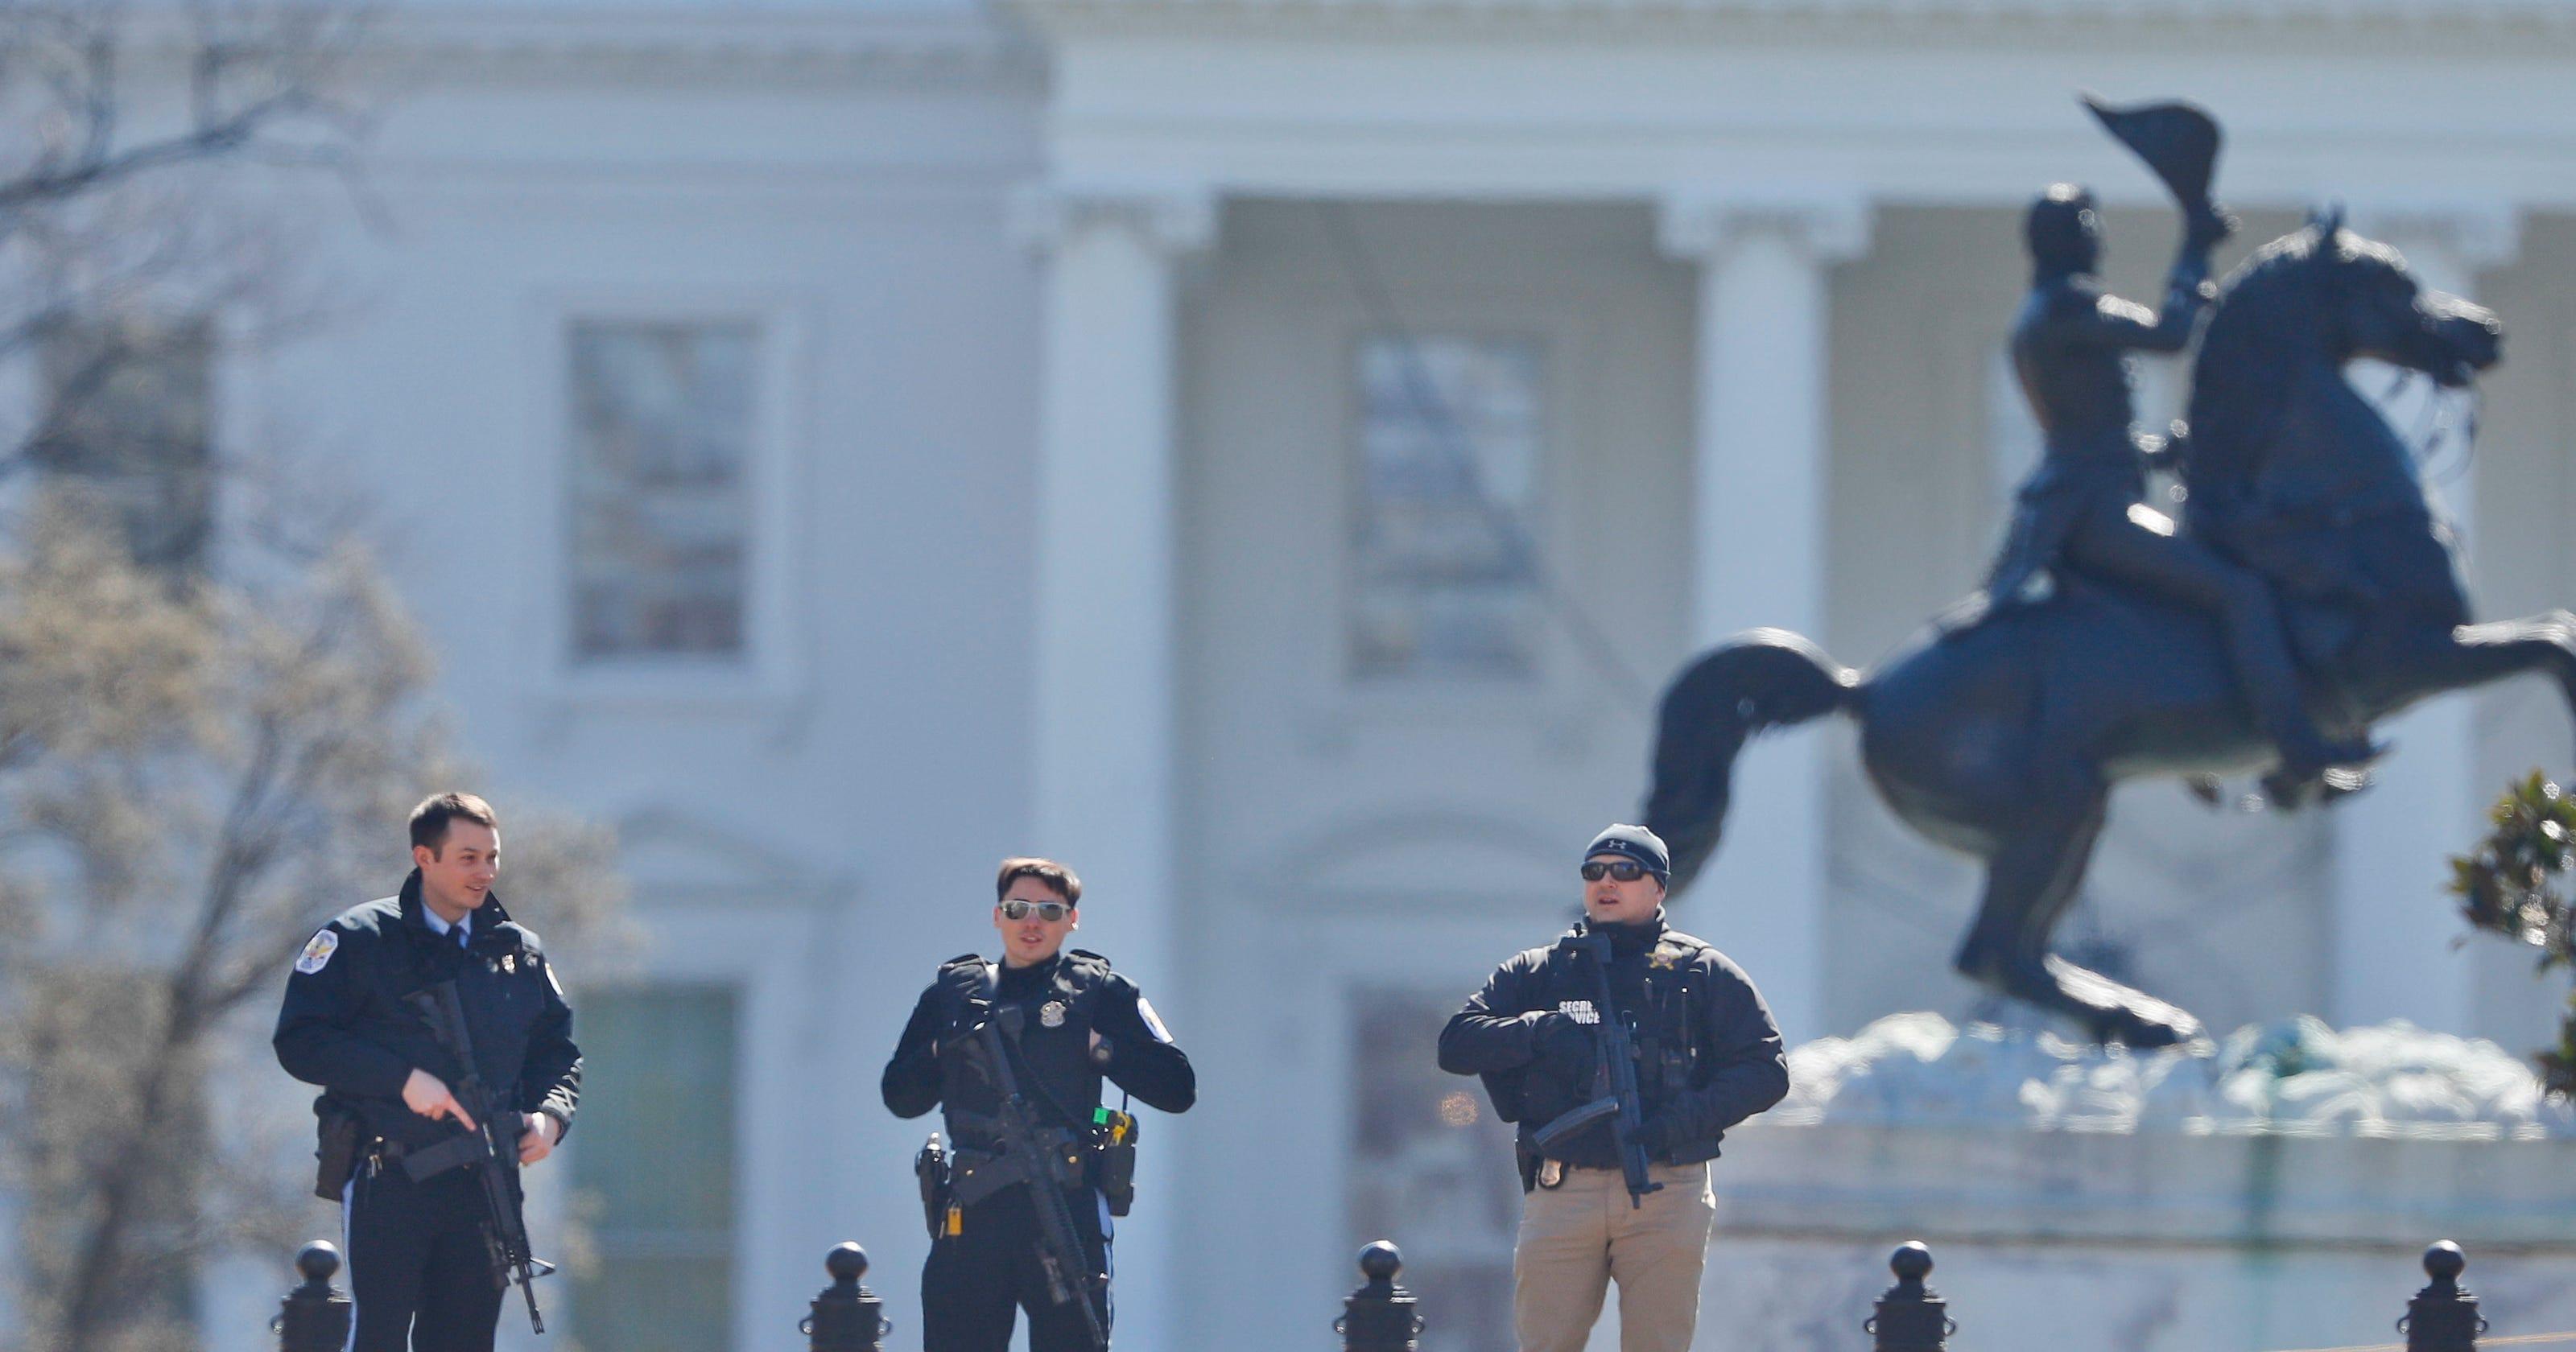 President Trump raises Secret Service pay caps for agents